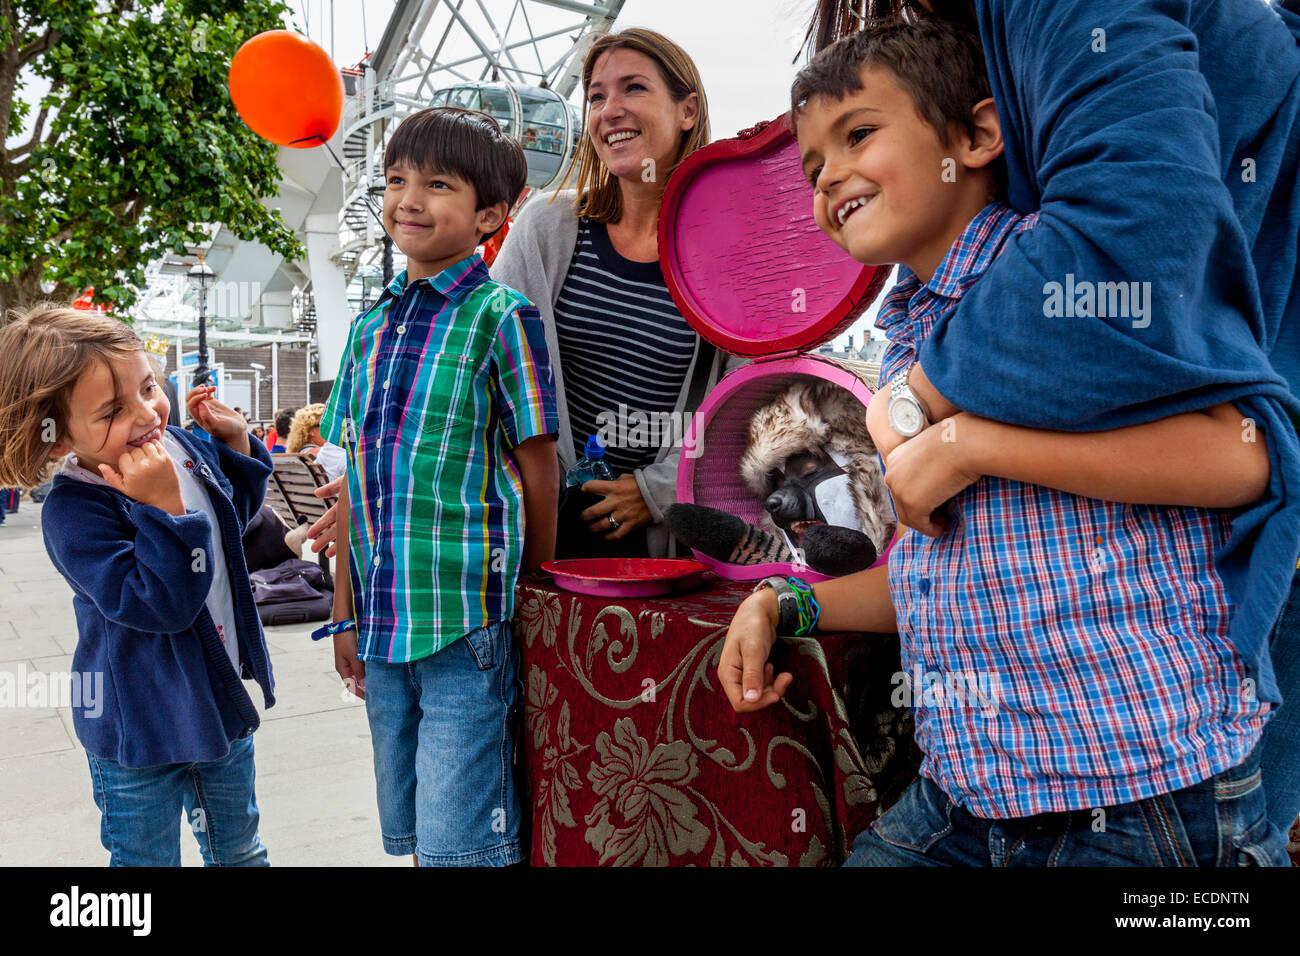 Uma família coloca com uma rua Entertainer em South Bank, Londres, Inglaterra Imagens de Stock